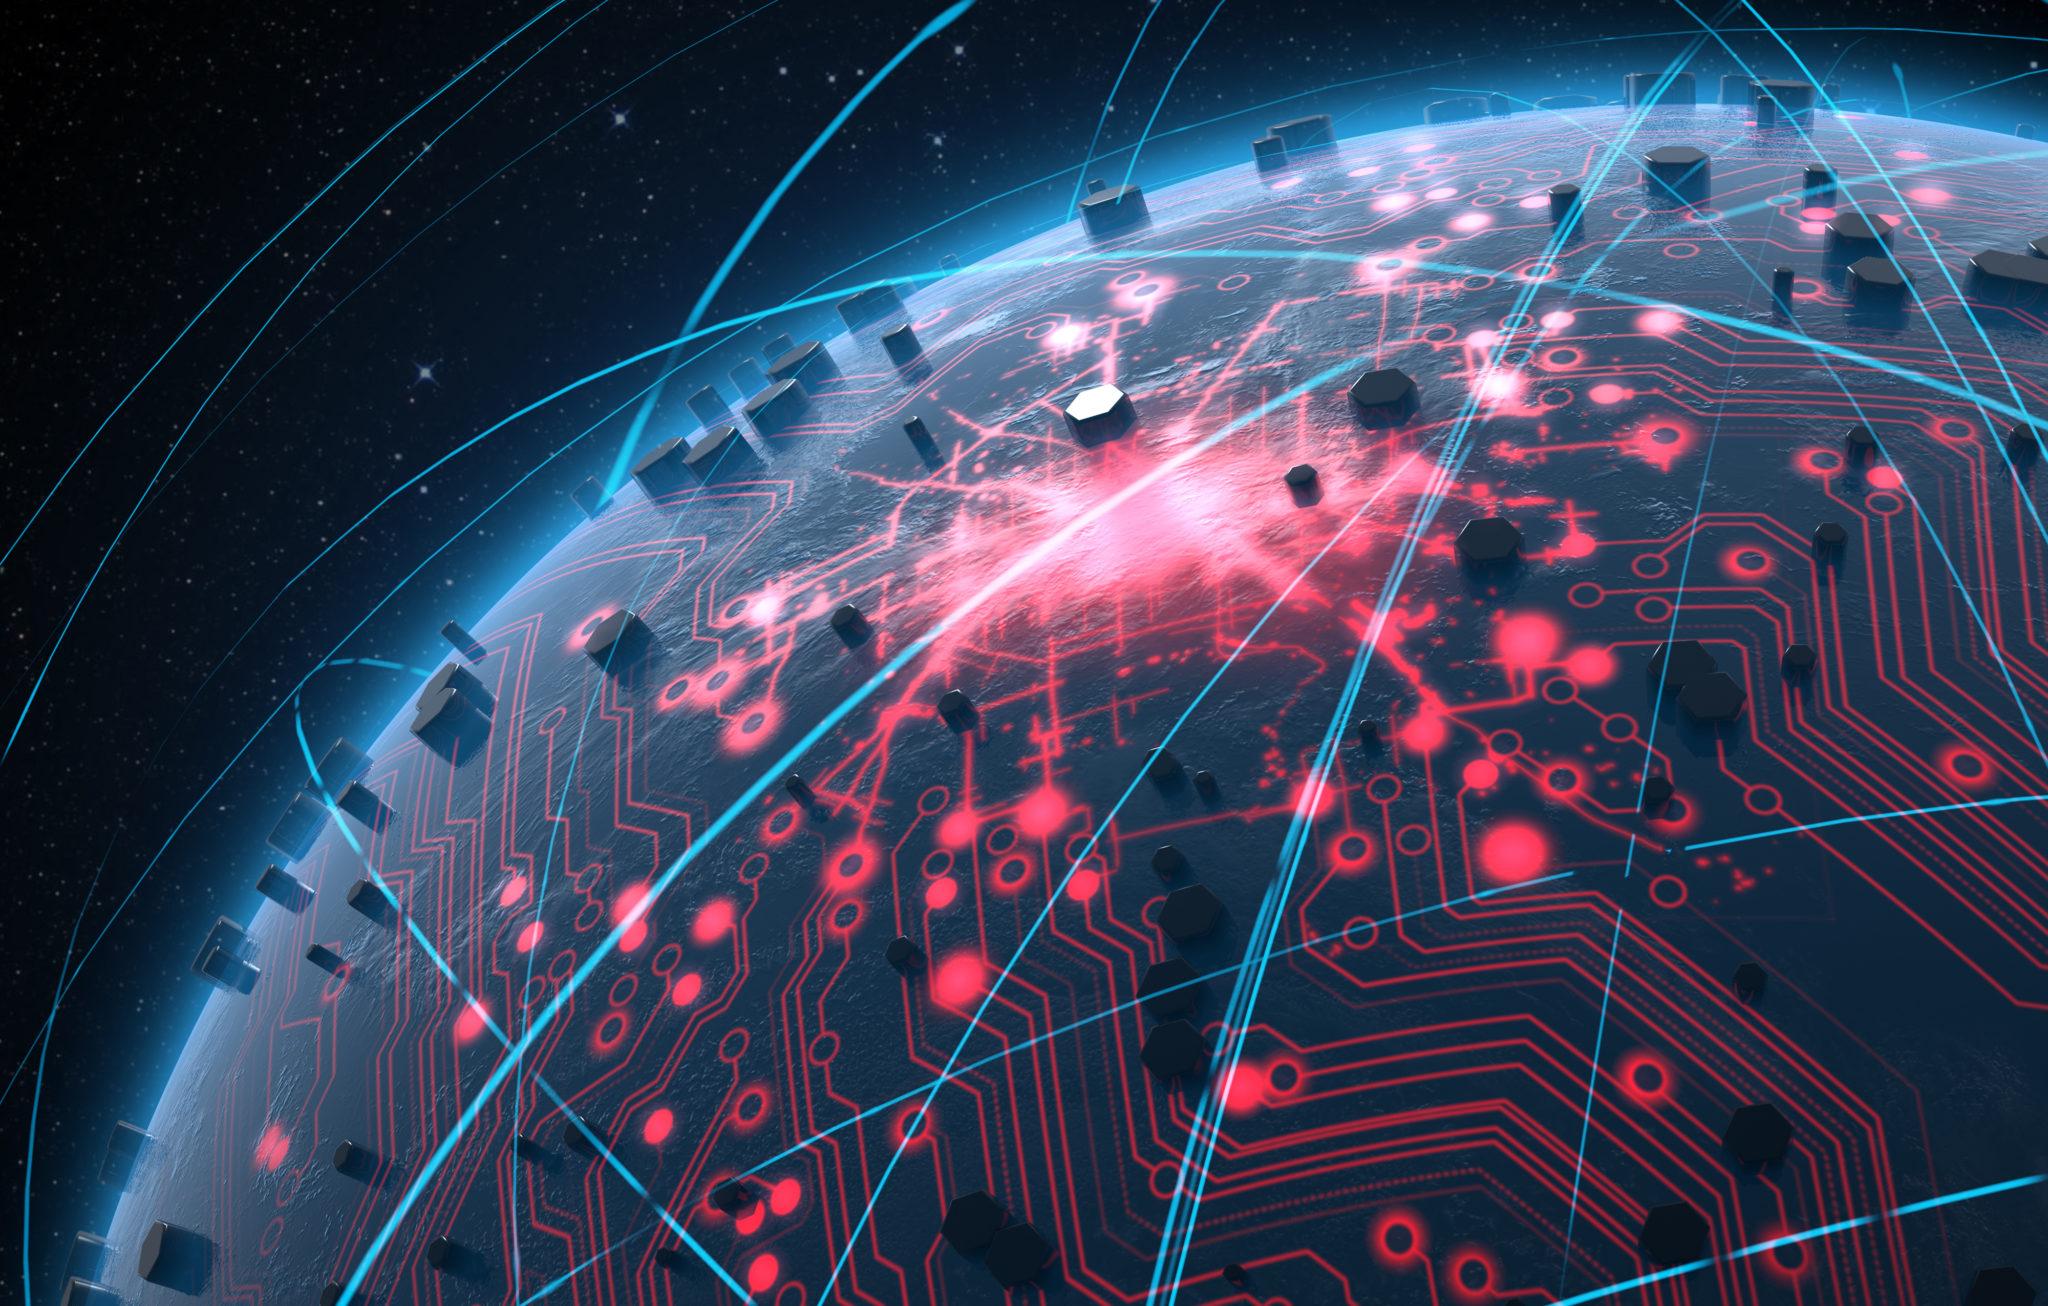 と可視化されたネットワーク